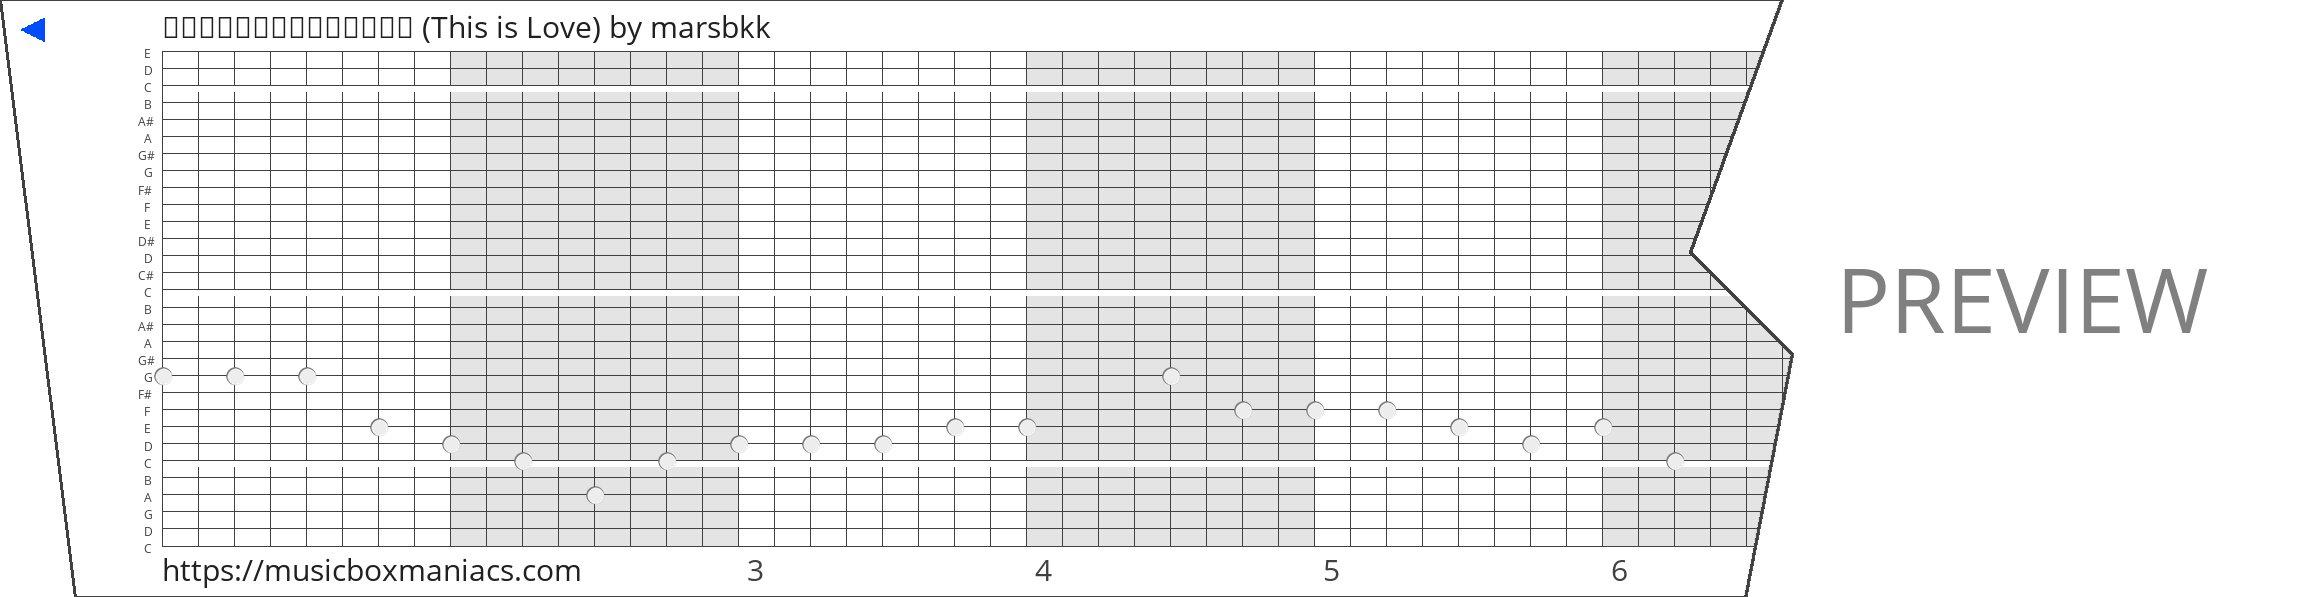 นี่แหละความรัก (This is Love) 30 note music box paper strip